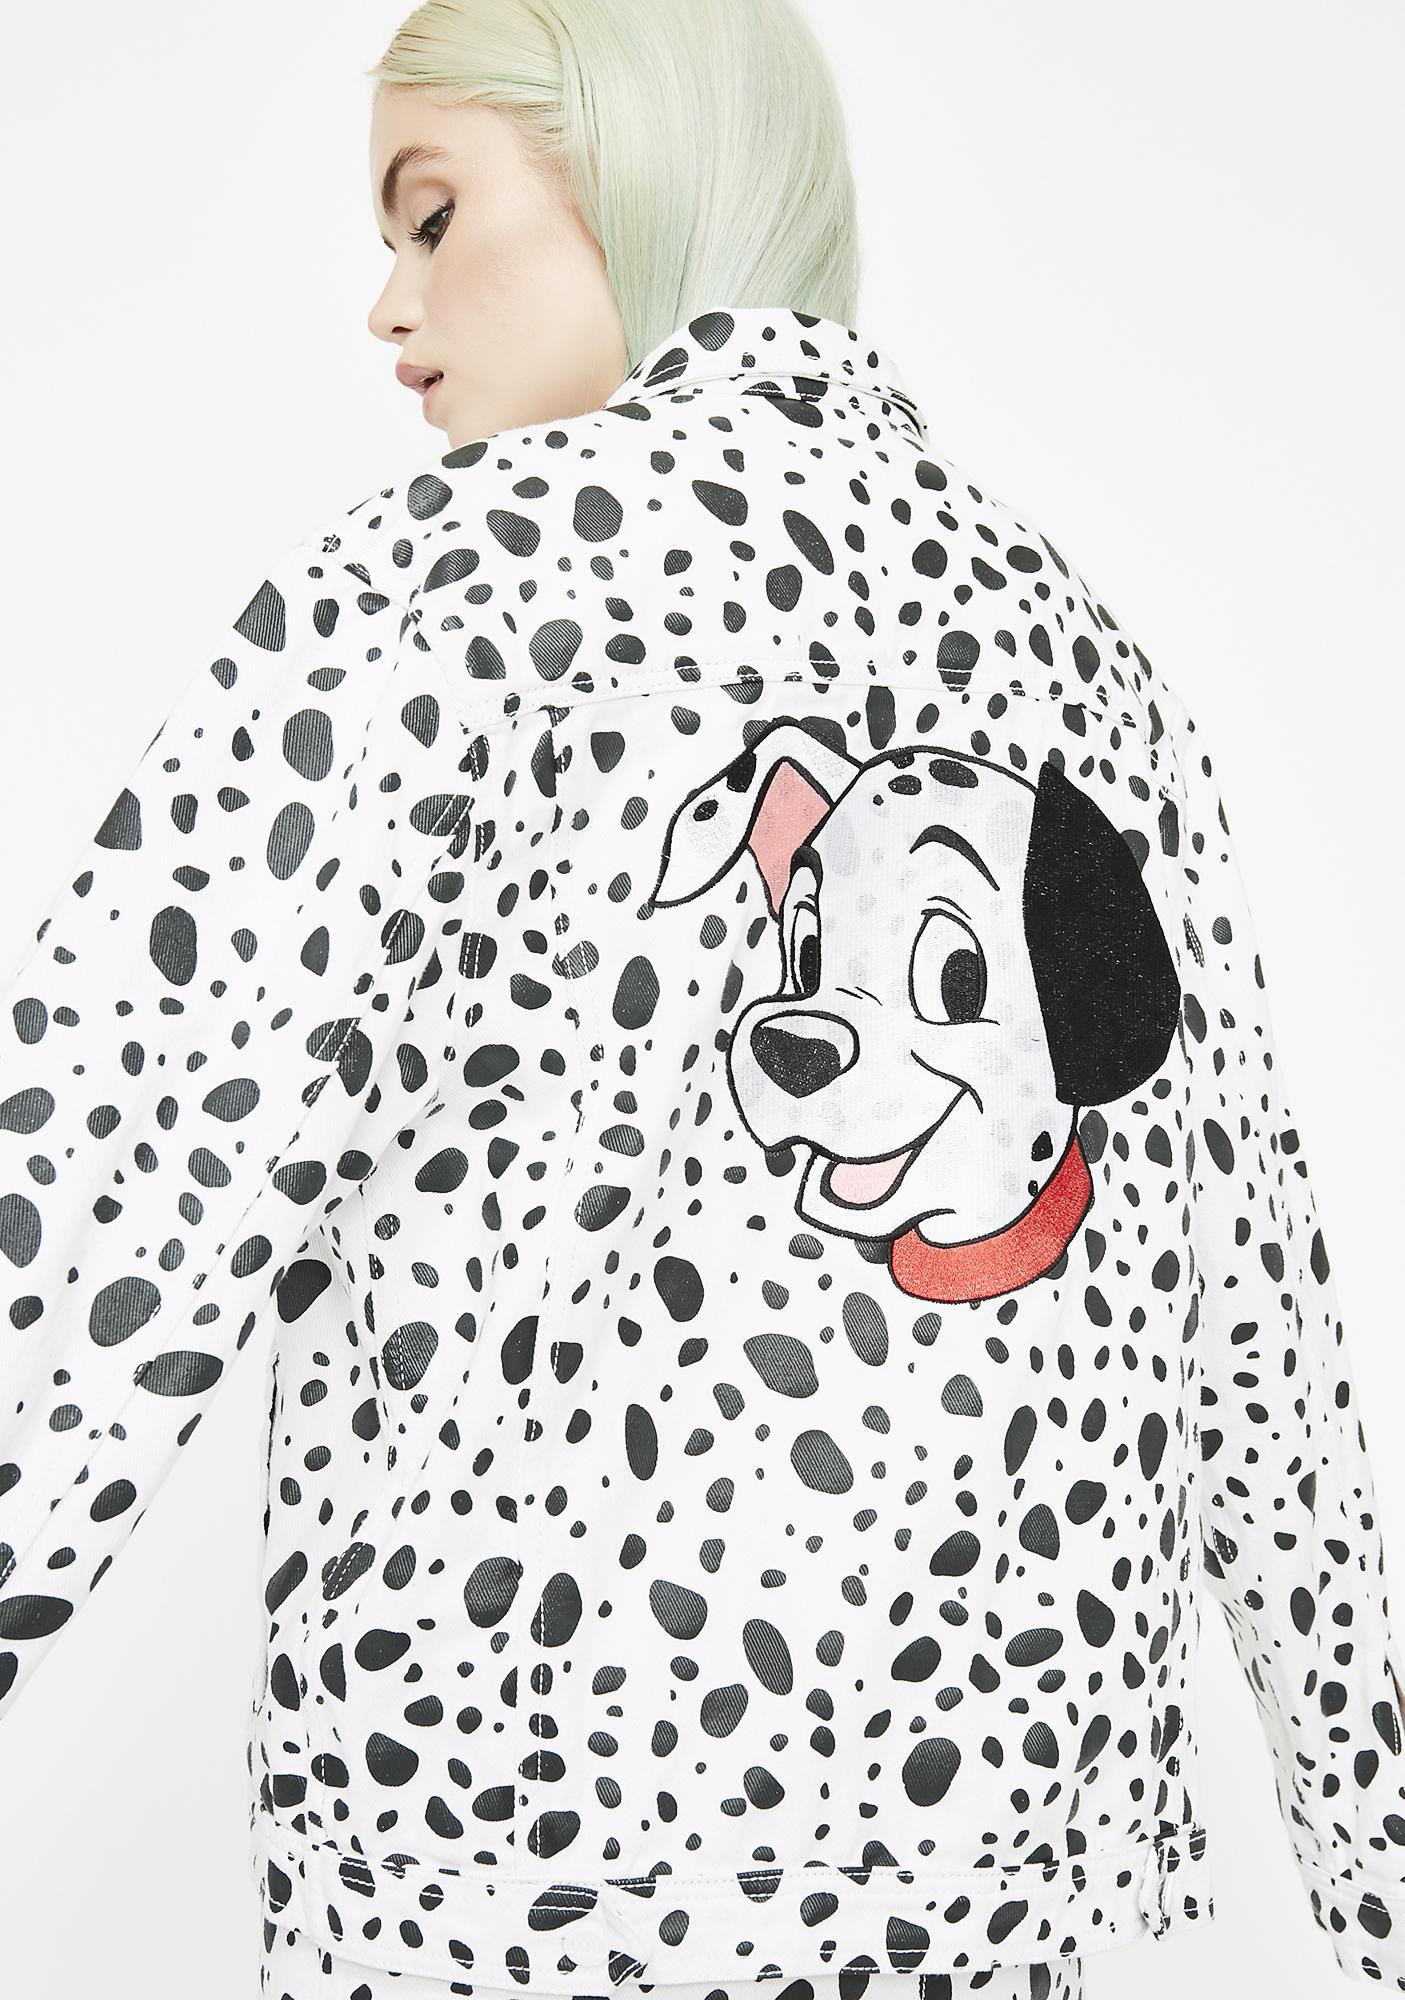 Nana Judy x Disney Sawyer Jacket